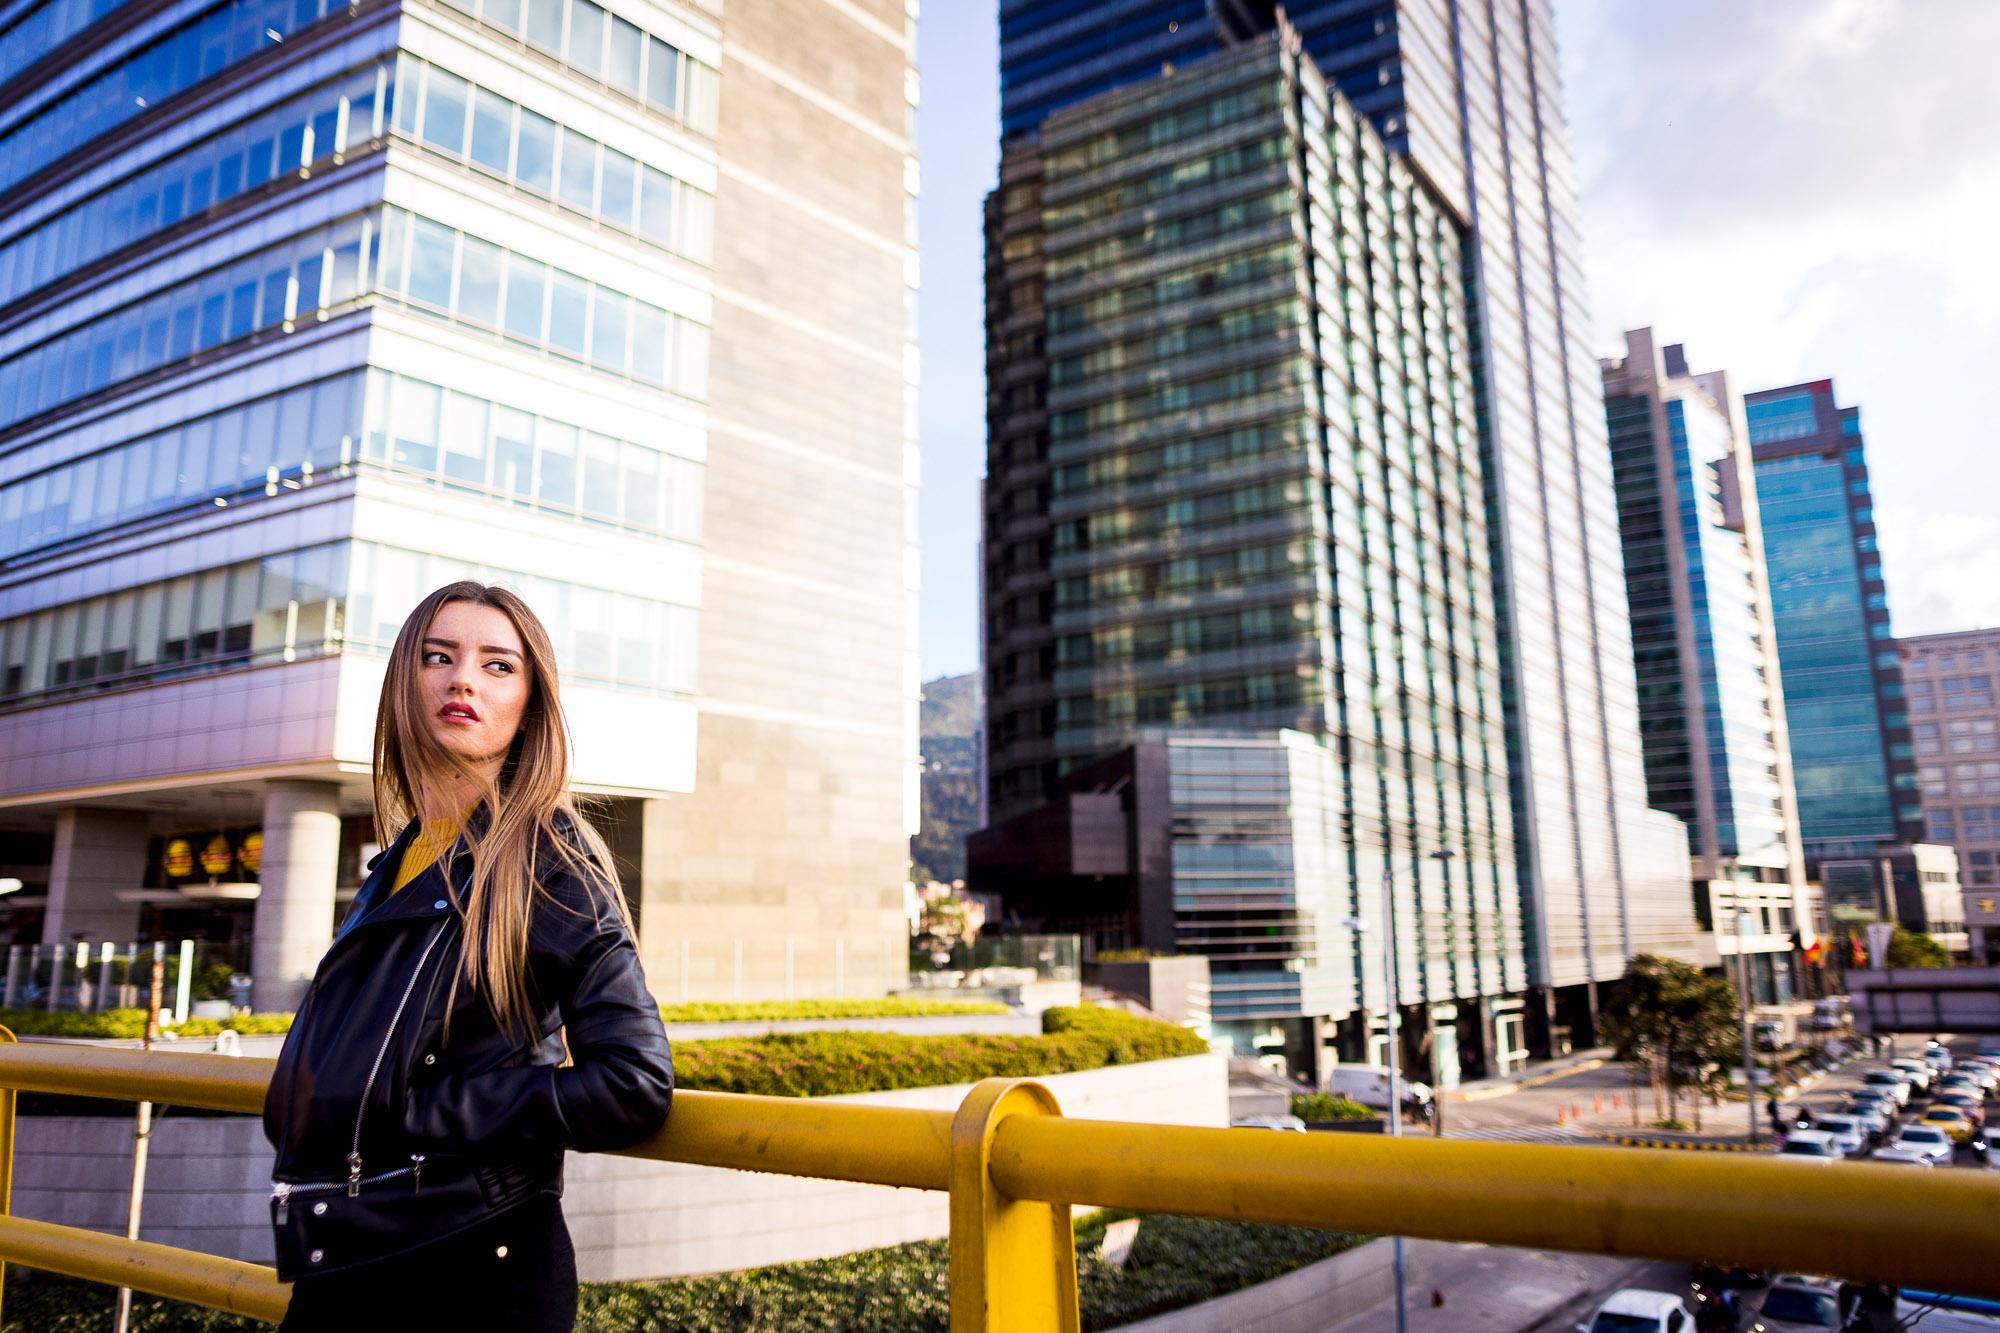 Sesion retrato fotografia ciudad foto mujer chica modelo moda